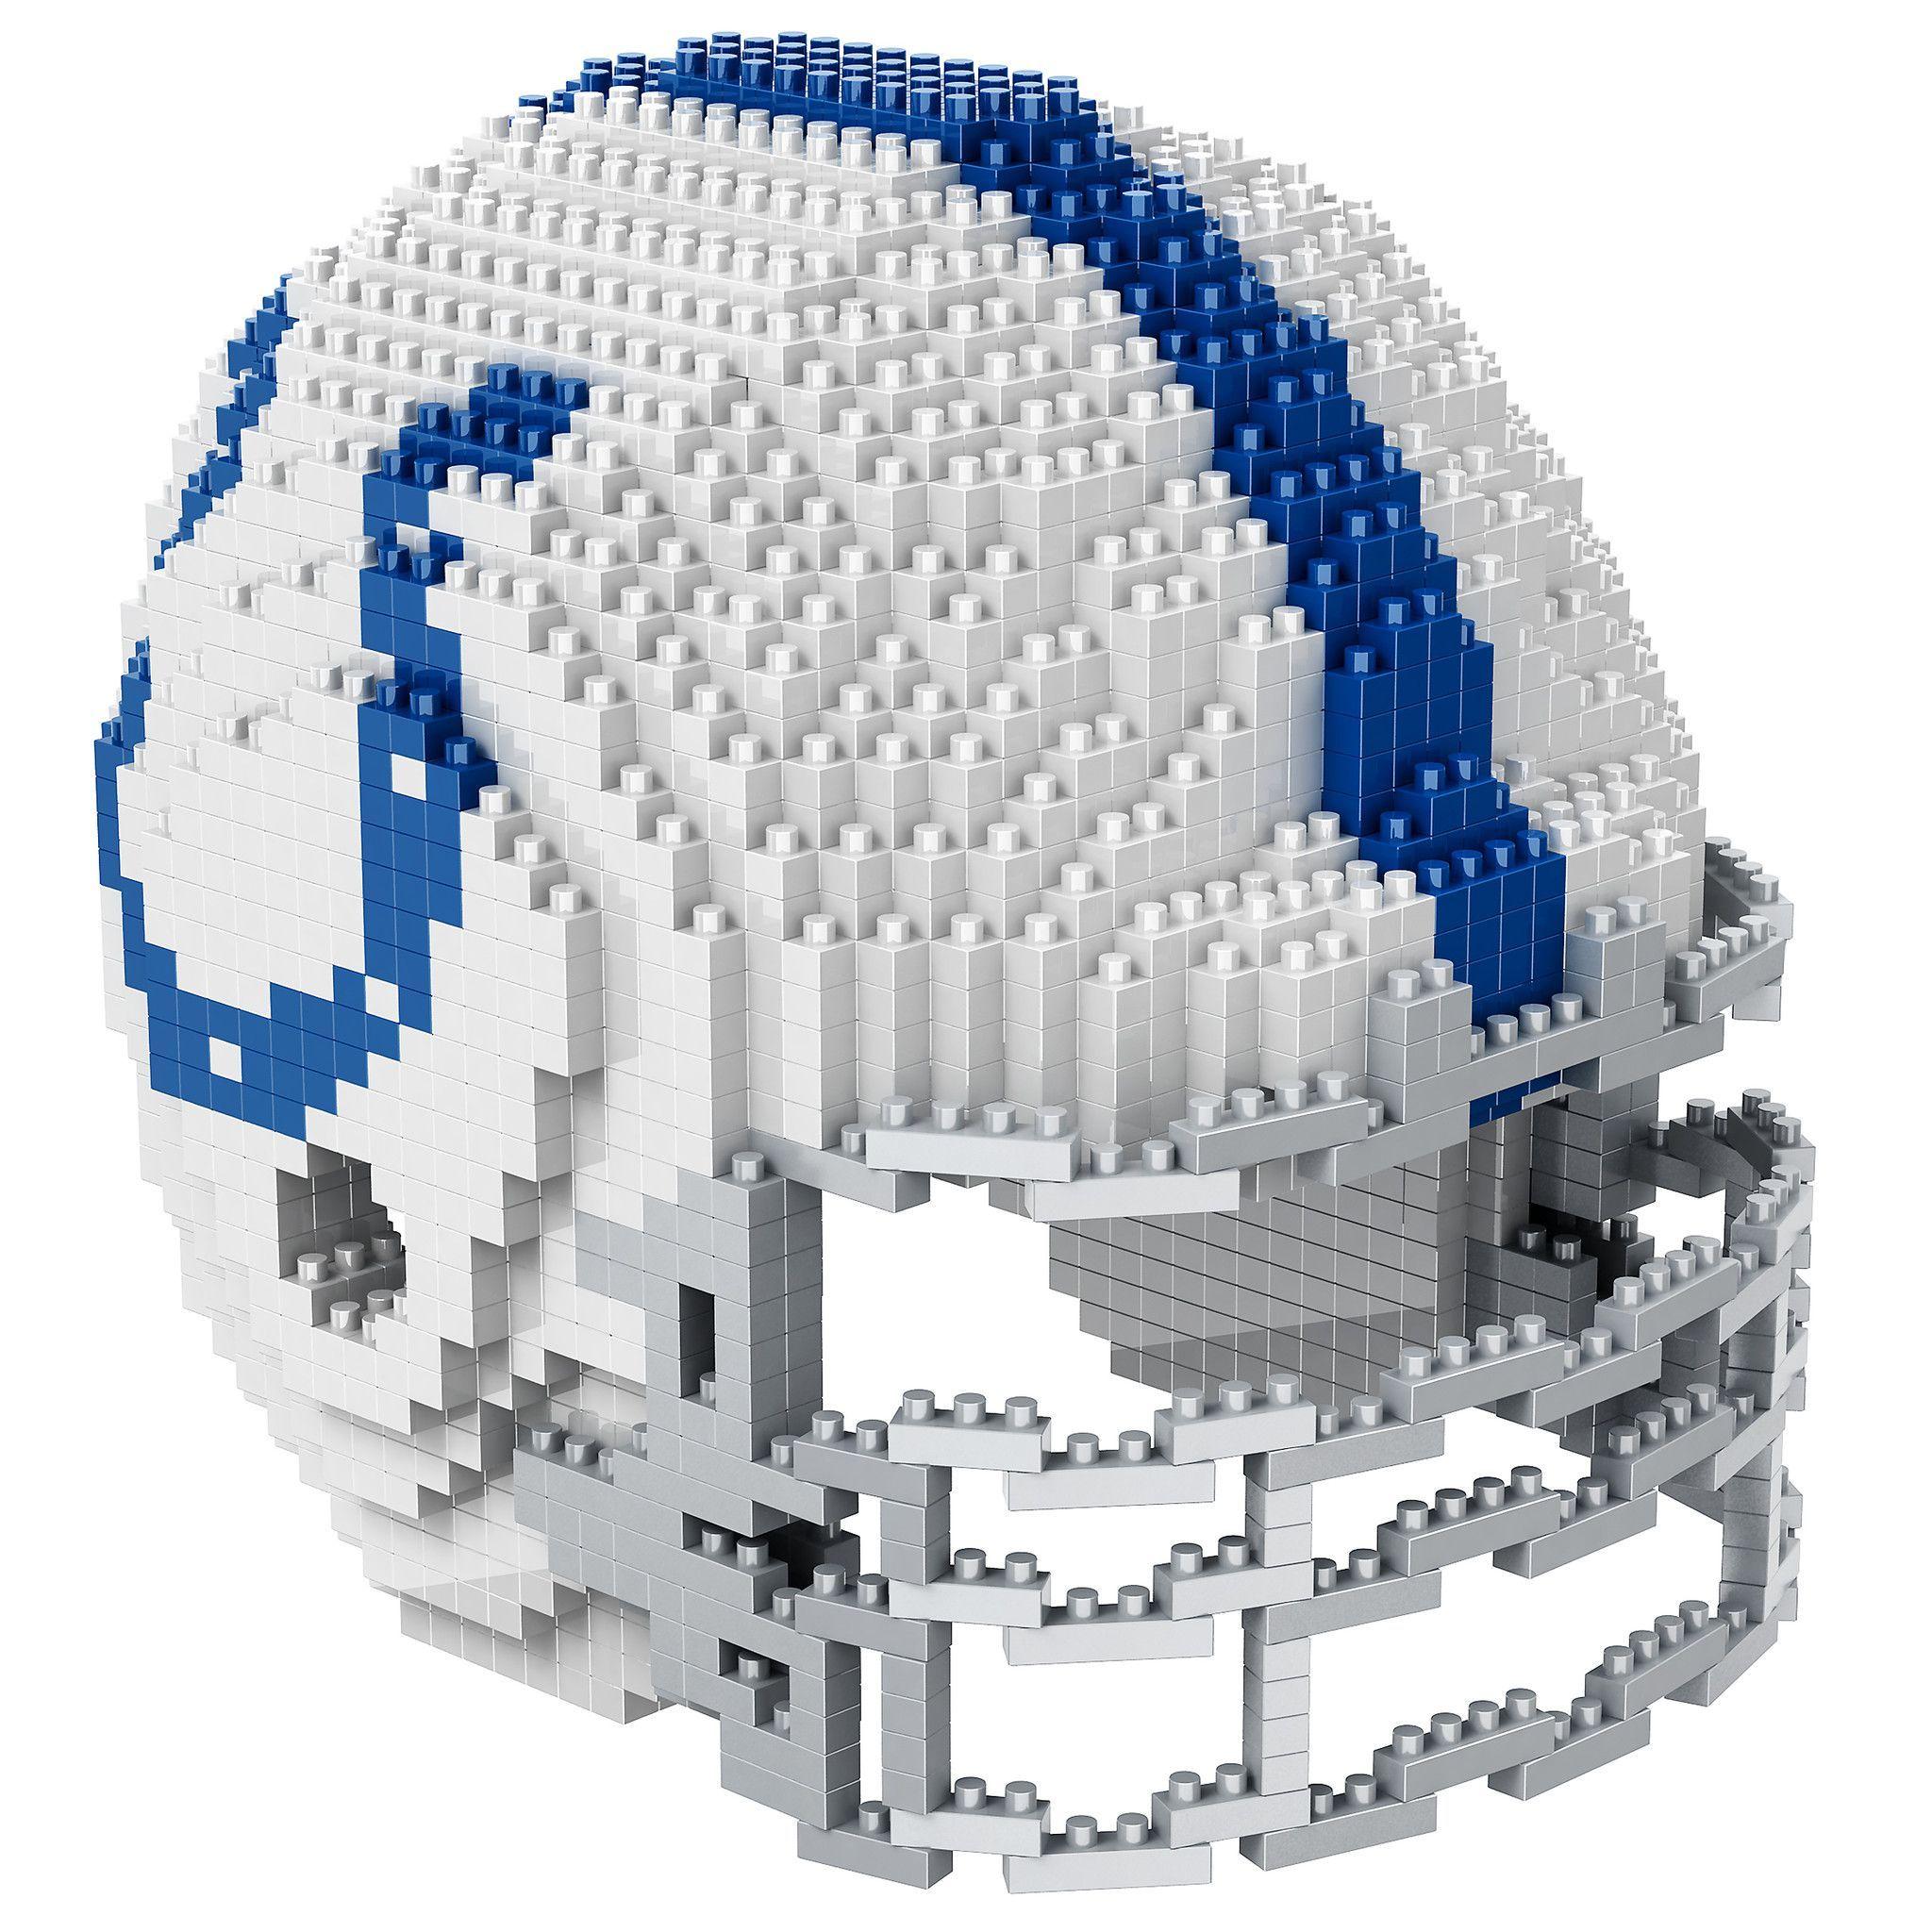 INDIANAPOLIS COLTS NFL 3D BRXLZ PUZZLE HELMET SET   3D BRXLZ PUZZLE ...